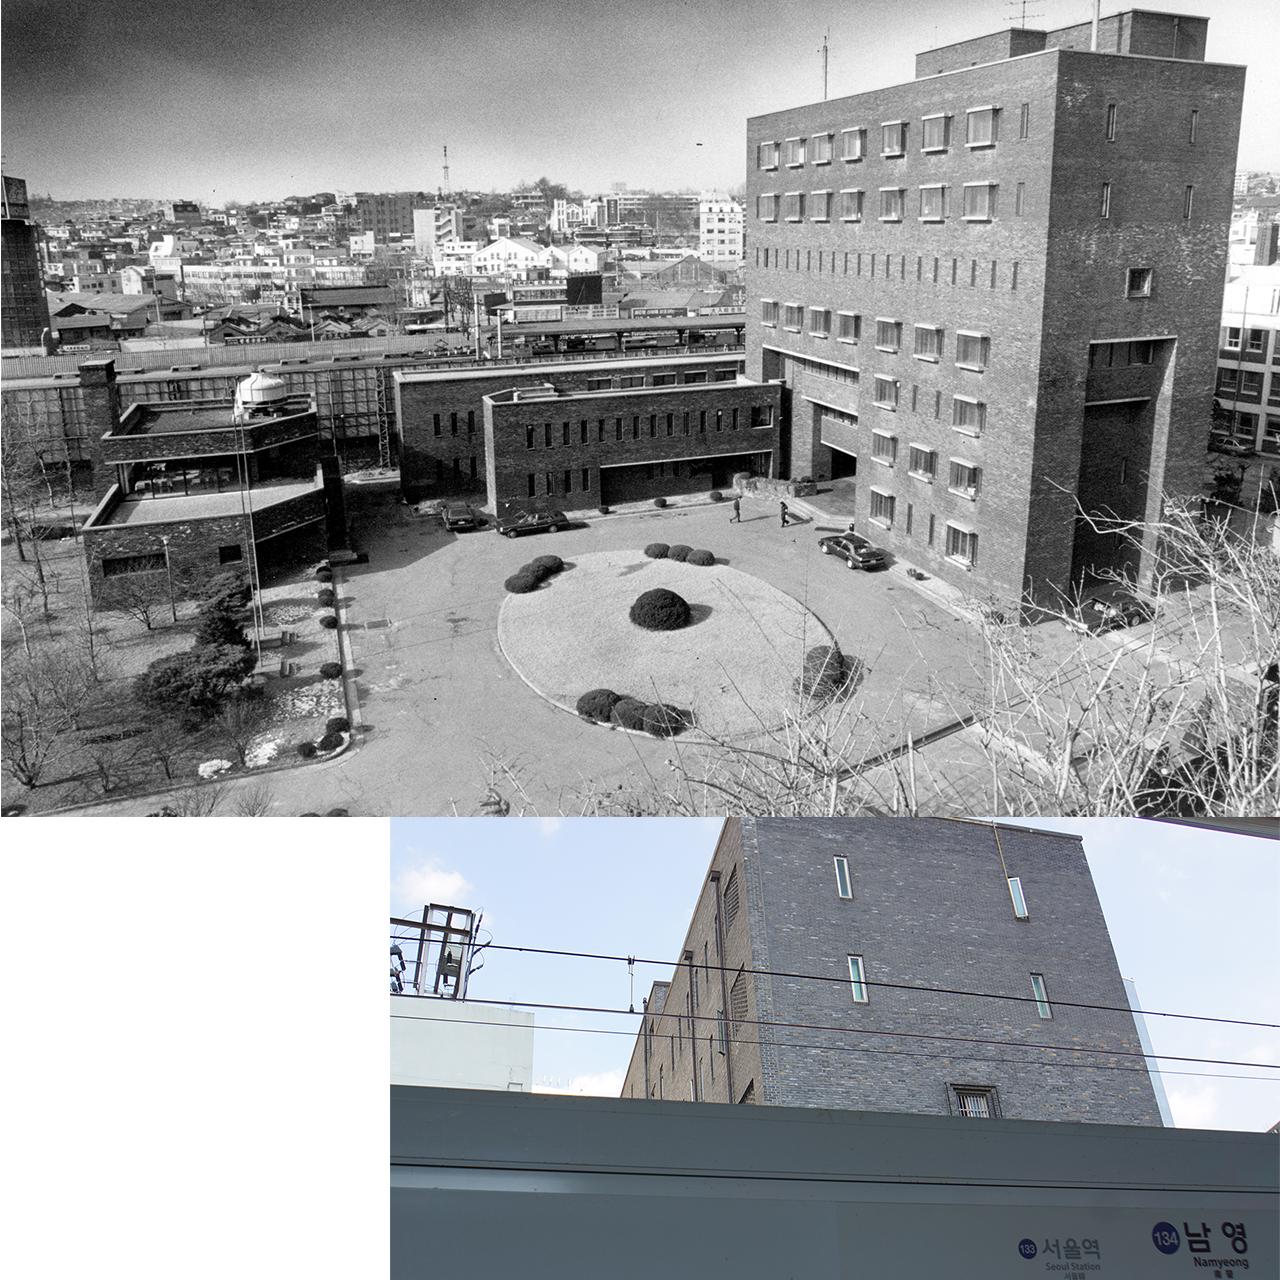 1990년대 남영동 대공분실 전경. 지금은 경찰청 인권센터로 바뀌었다. 아래 사진은 지하철 1호선 남영역에서 바라본 모습